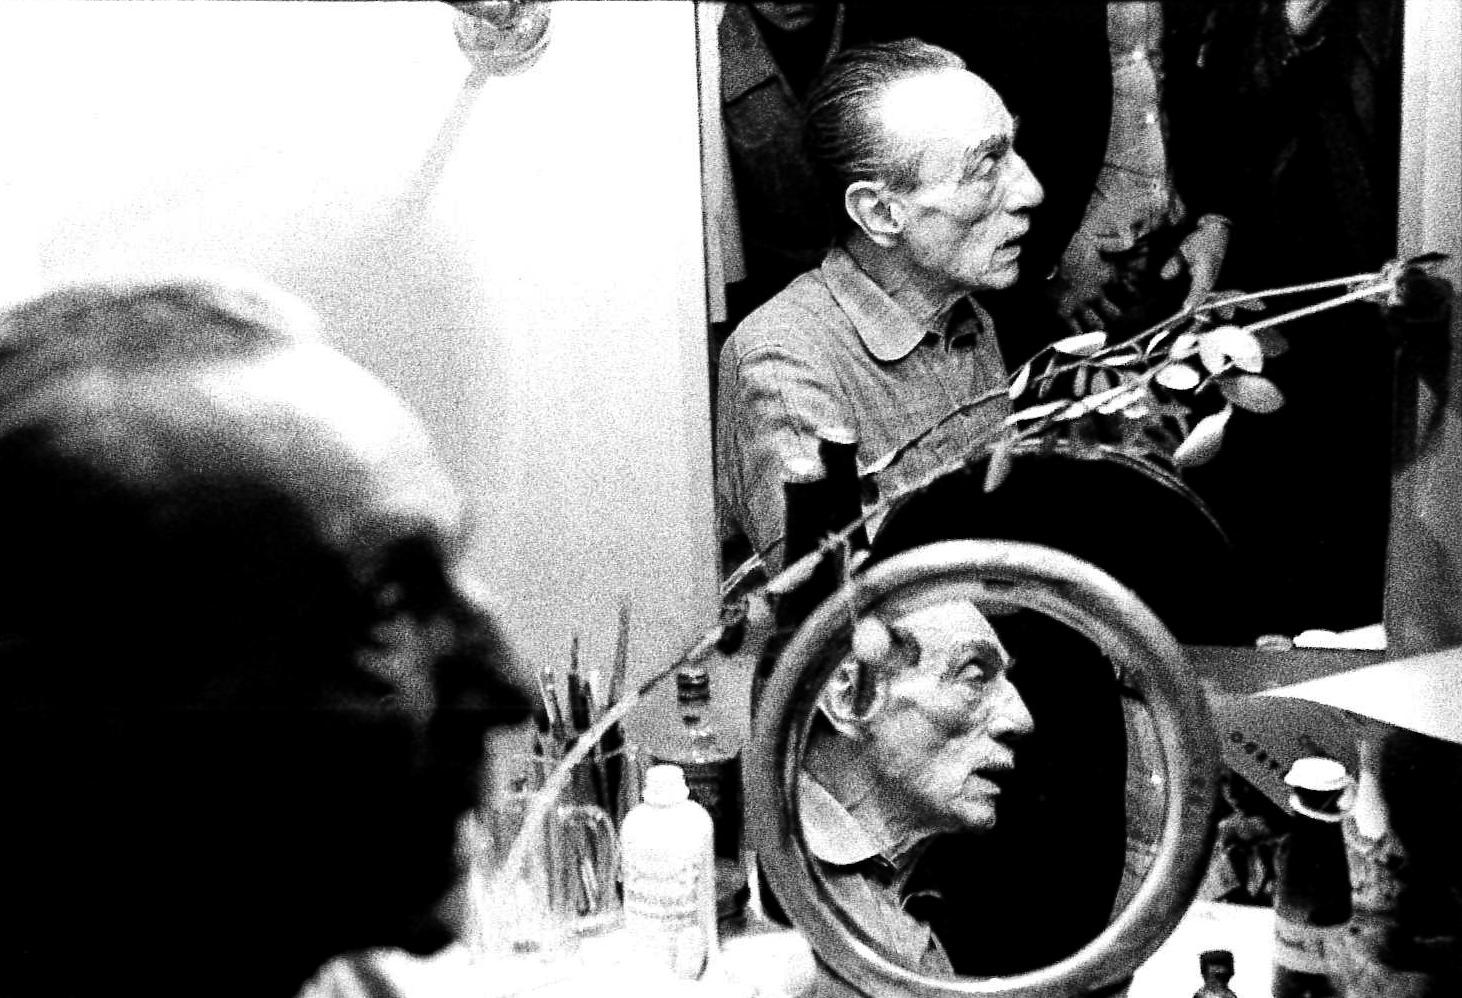 Eduardo de Filippo in camerino al Teatro La Pergola. Firenze, 1974.